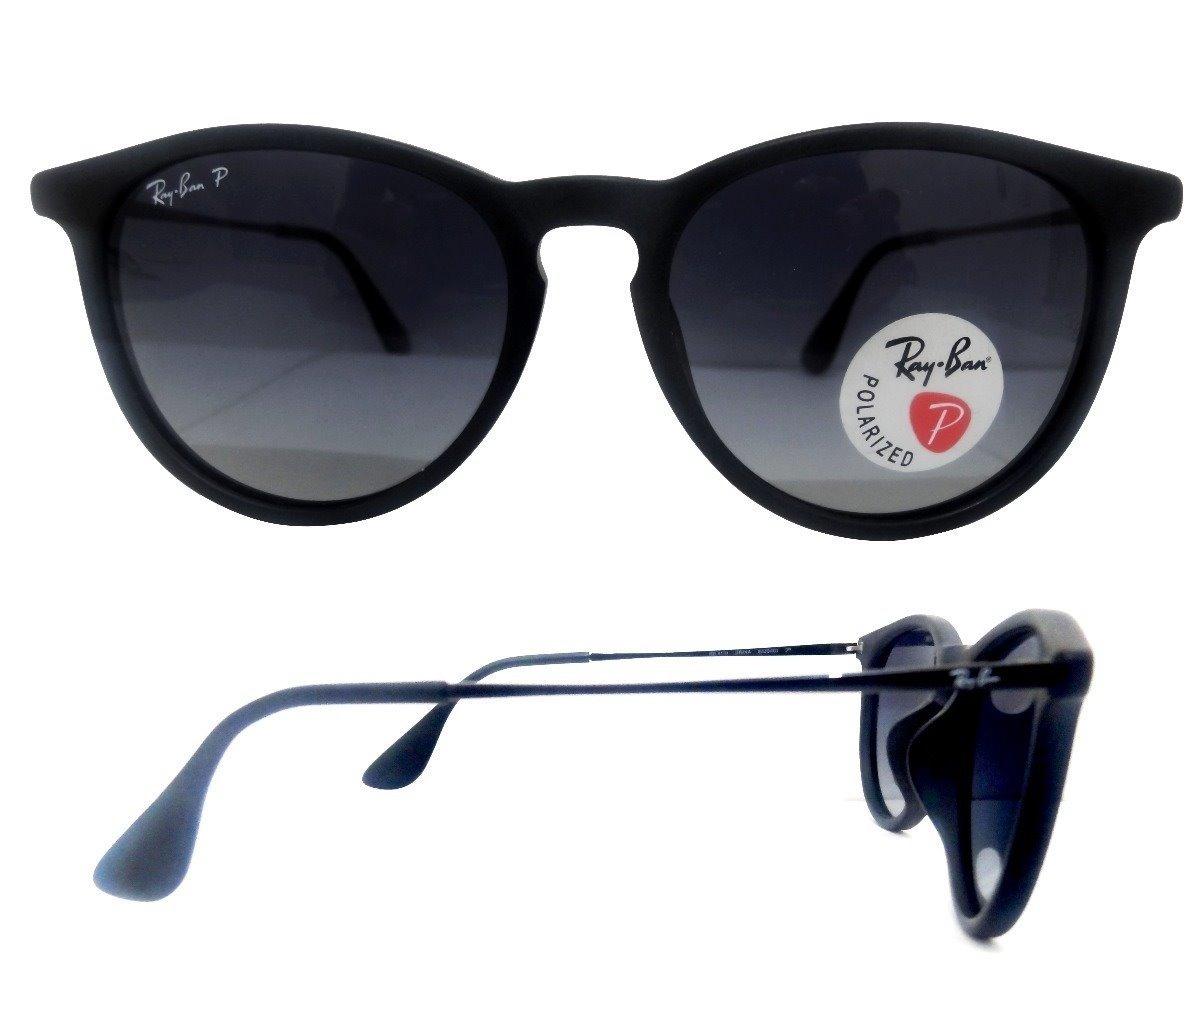 17af1c23e4 anteojos ray ban erika polarizados originales envío gratis. Cargando zoom.